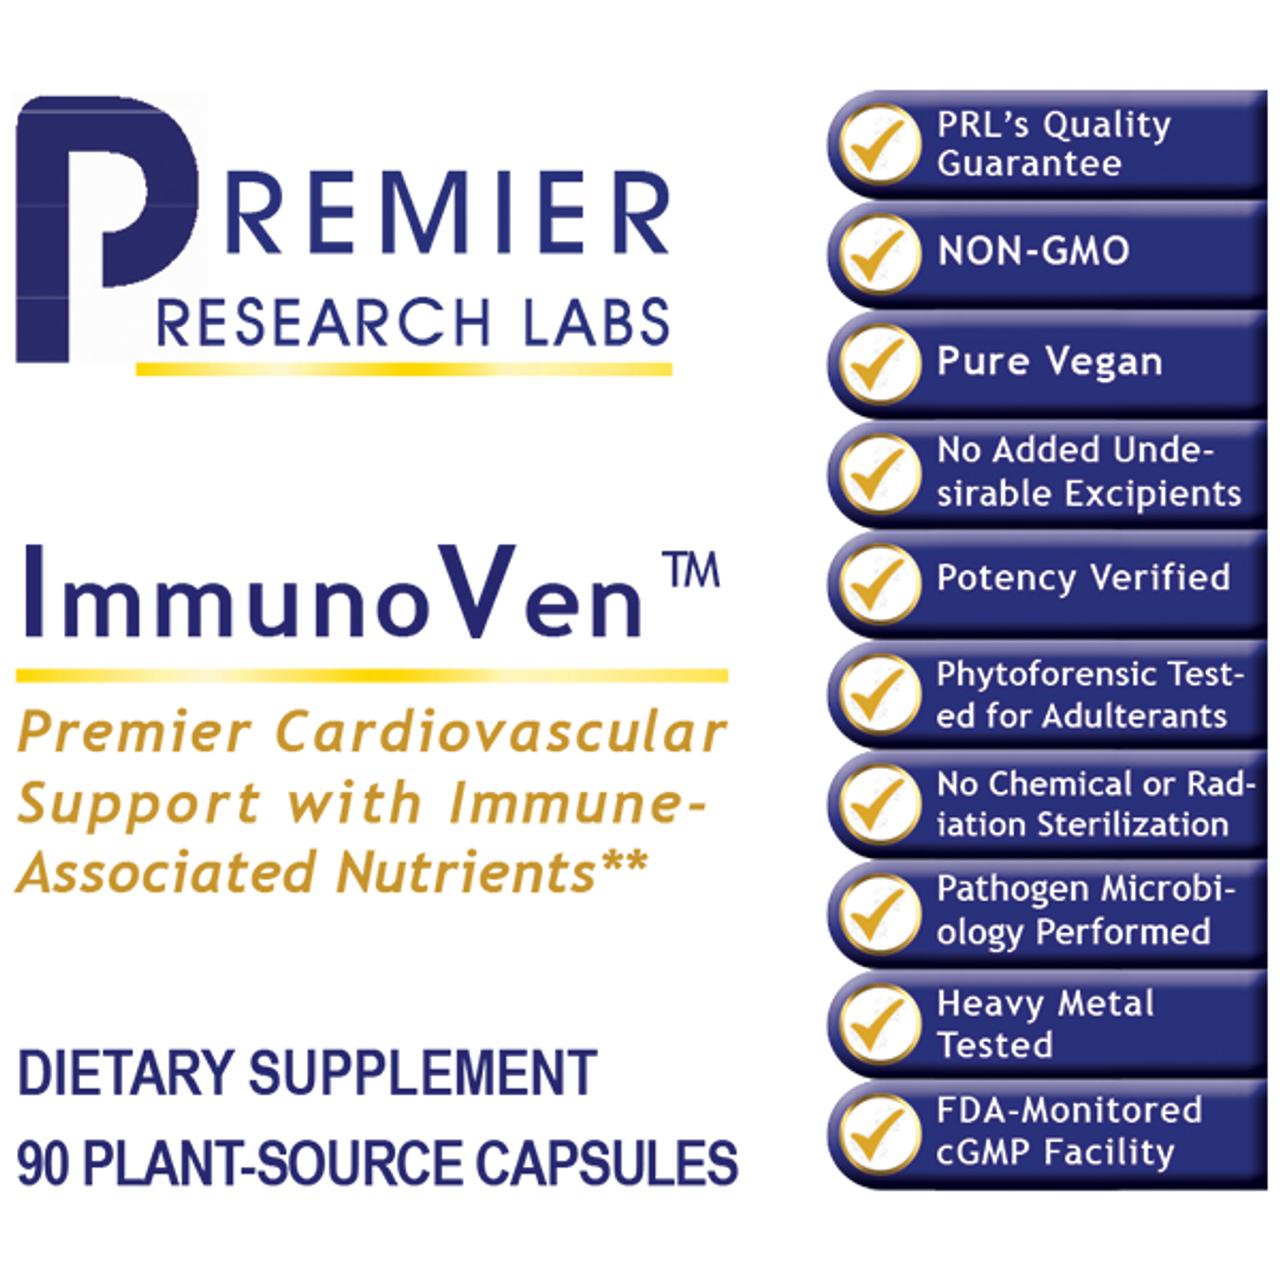 ImmunoVen™